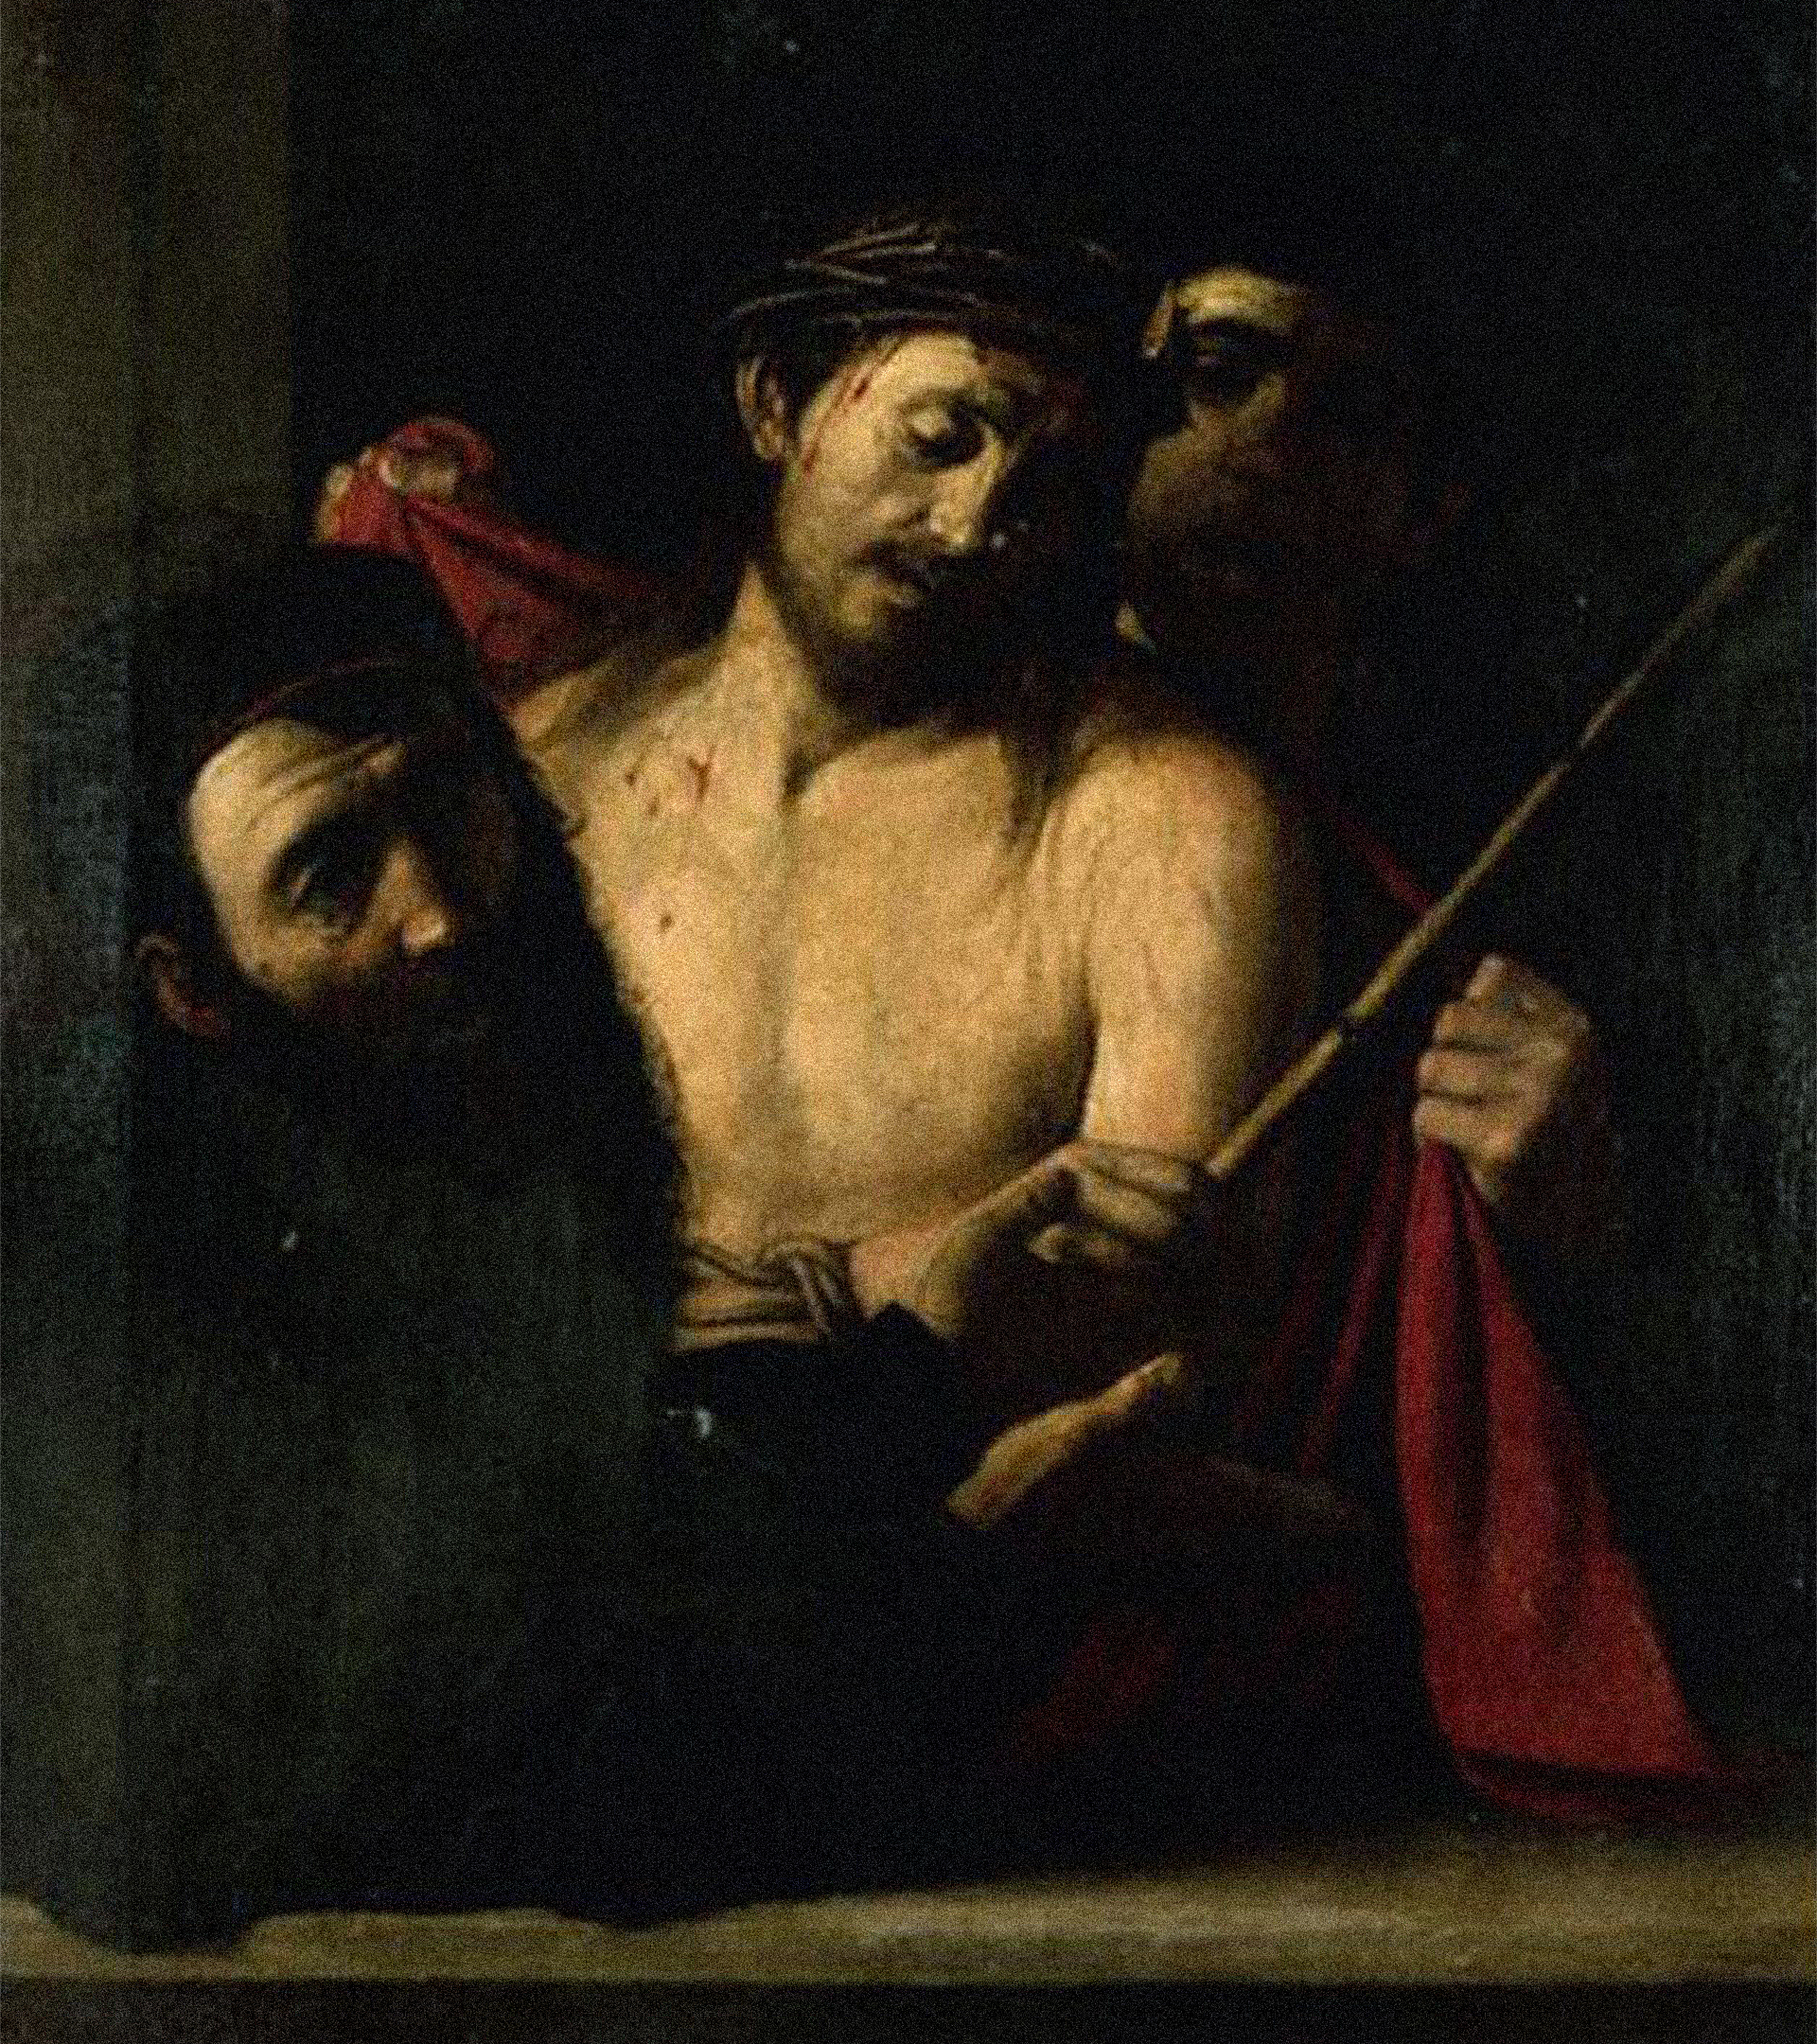 Imagen del posible Caravaggio.